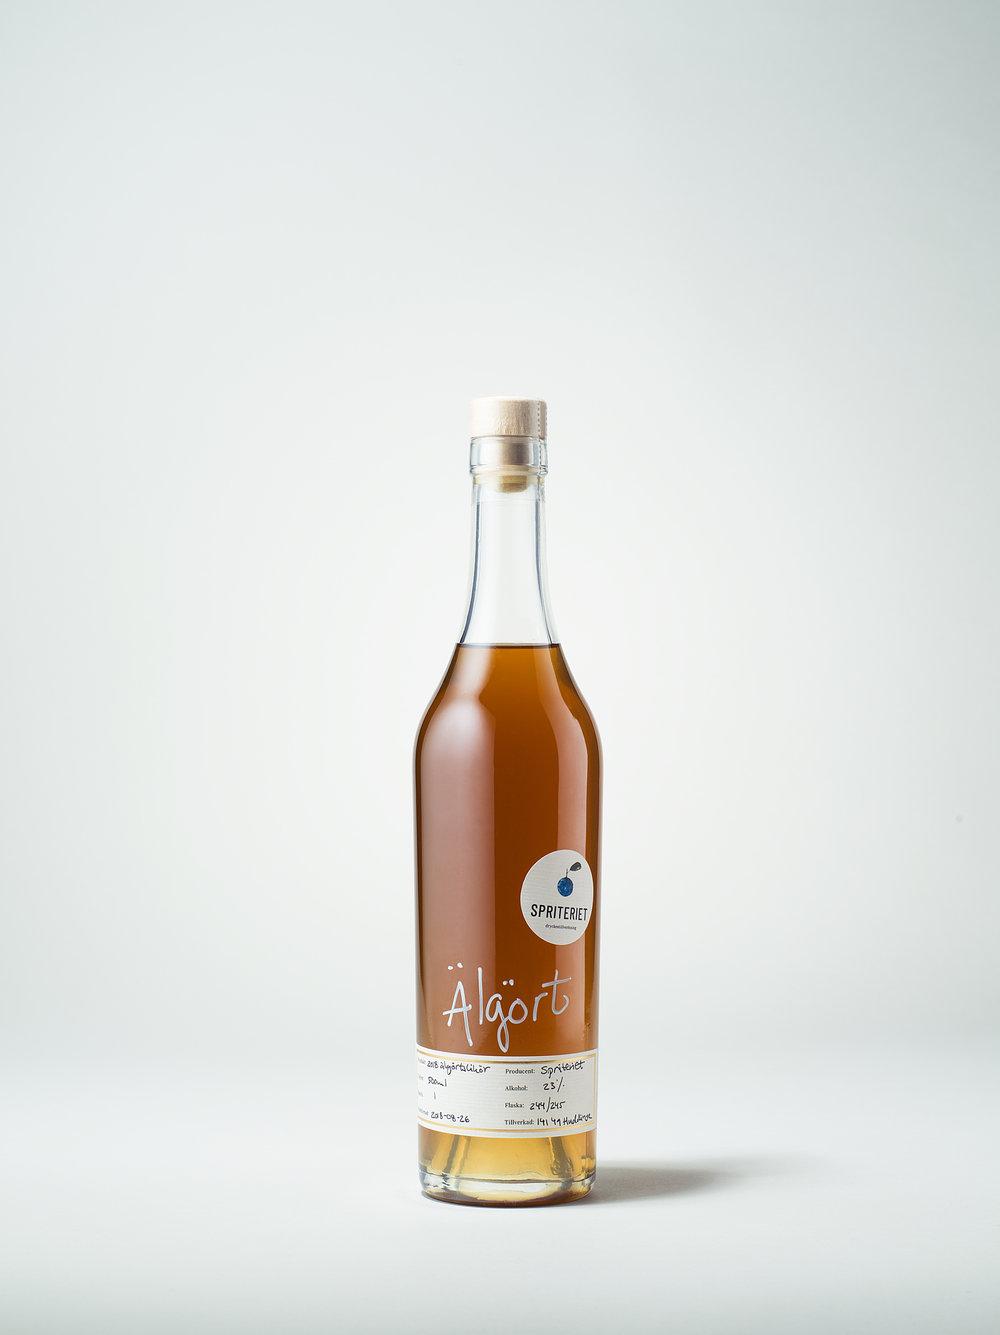 Älgörtslikören  kommer i en flaska om 50 cl och har en alkoholhalt på 23%. Älgörten är plockad i Ljungskile på västkusten och i Stockholm med omnejd. Älgörten har säljstart september 2018 och existerar i tre batcher. Batch 1 innefattar 245 flaskor, batch 2 är 100 flaskor och batch 3 är 70 st, buteljerade mellan augusti och november.